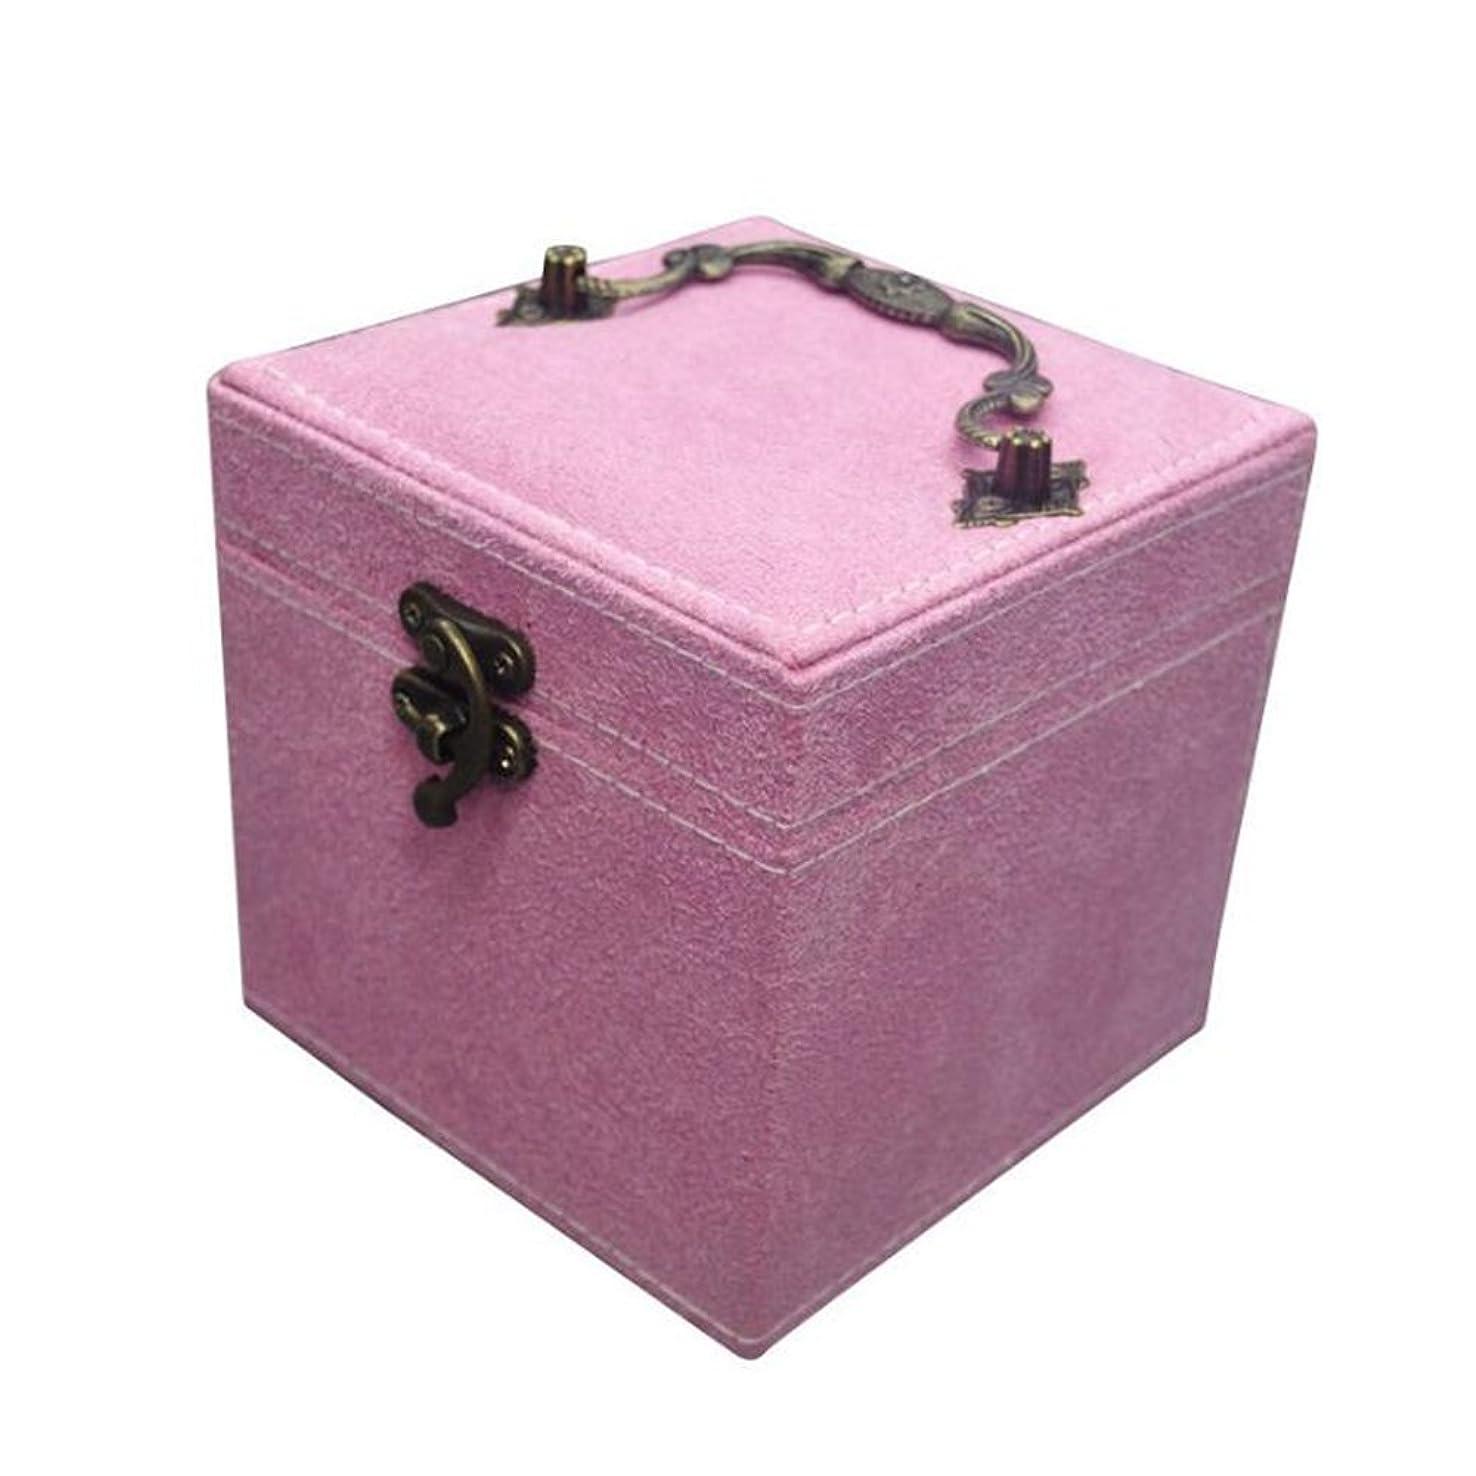 悲鳴メッセンジャーピルファーBALLEEY 指輪&イヤリングのための宝石箱ネックレス-3収納トレイヴィンテージバックル閉鎖、子供のためのギフト女の子と女性メンズとレディースユニバーサルトラベルバッグ収納バッグ洗濯バッグ (色 : ピンク)